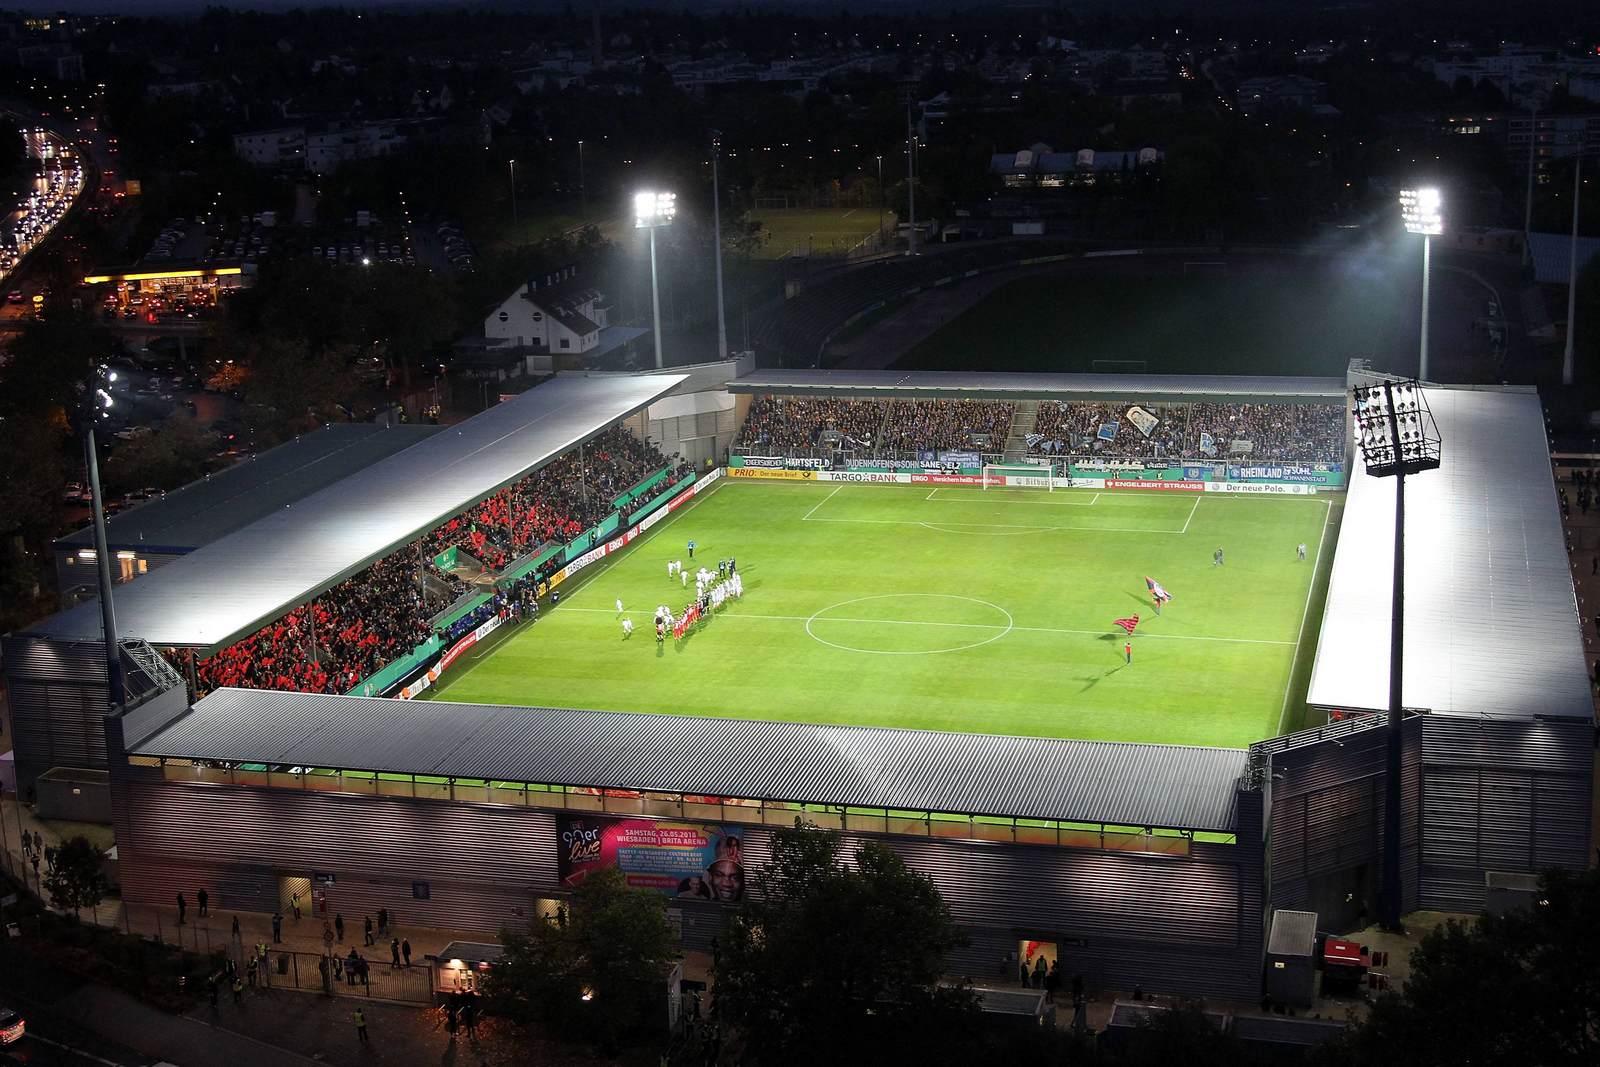 Die BRITA-Arena, Heimspielstätte des SV Wehen Wiesbaden